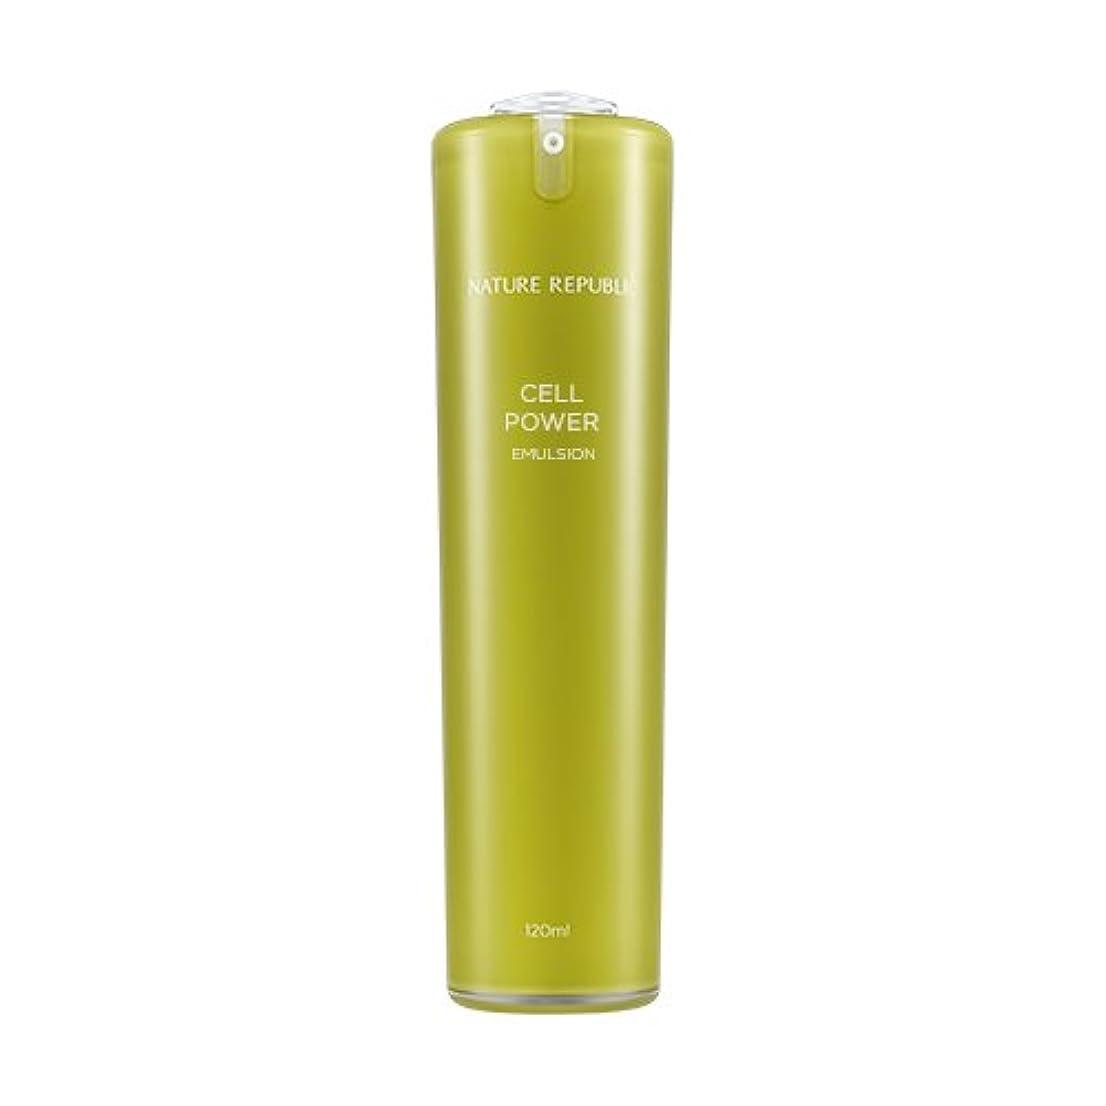 コミット楽しむダメージNATURE REPUBLIC Cell Power Emulsion / ネイチャーリパブリックセルパワーエマルジョン 120ml [並行輸入品]